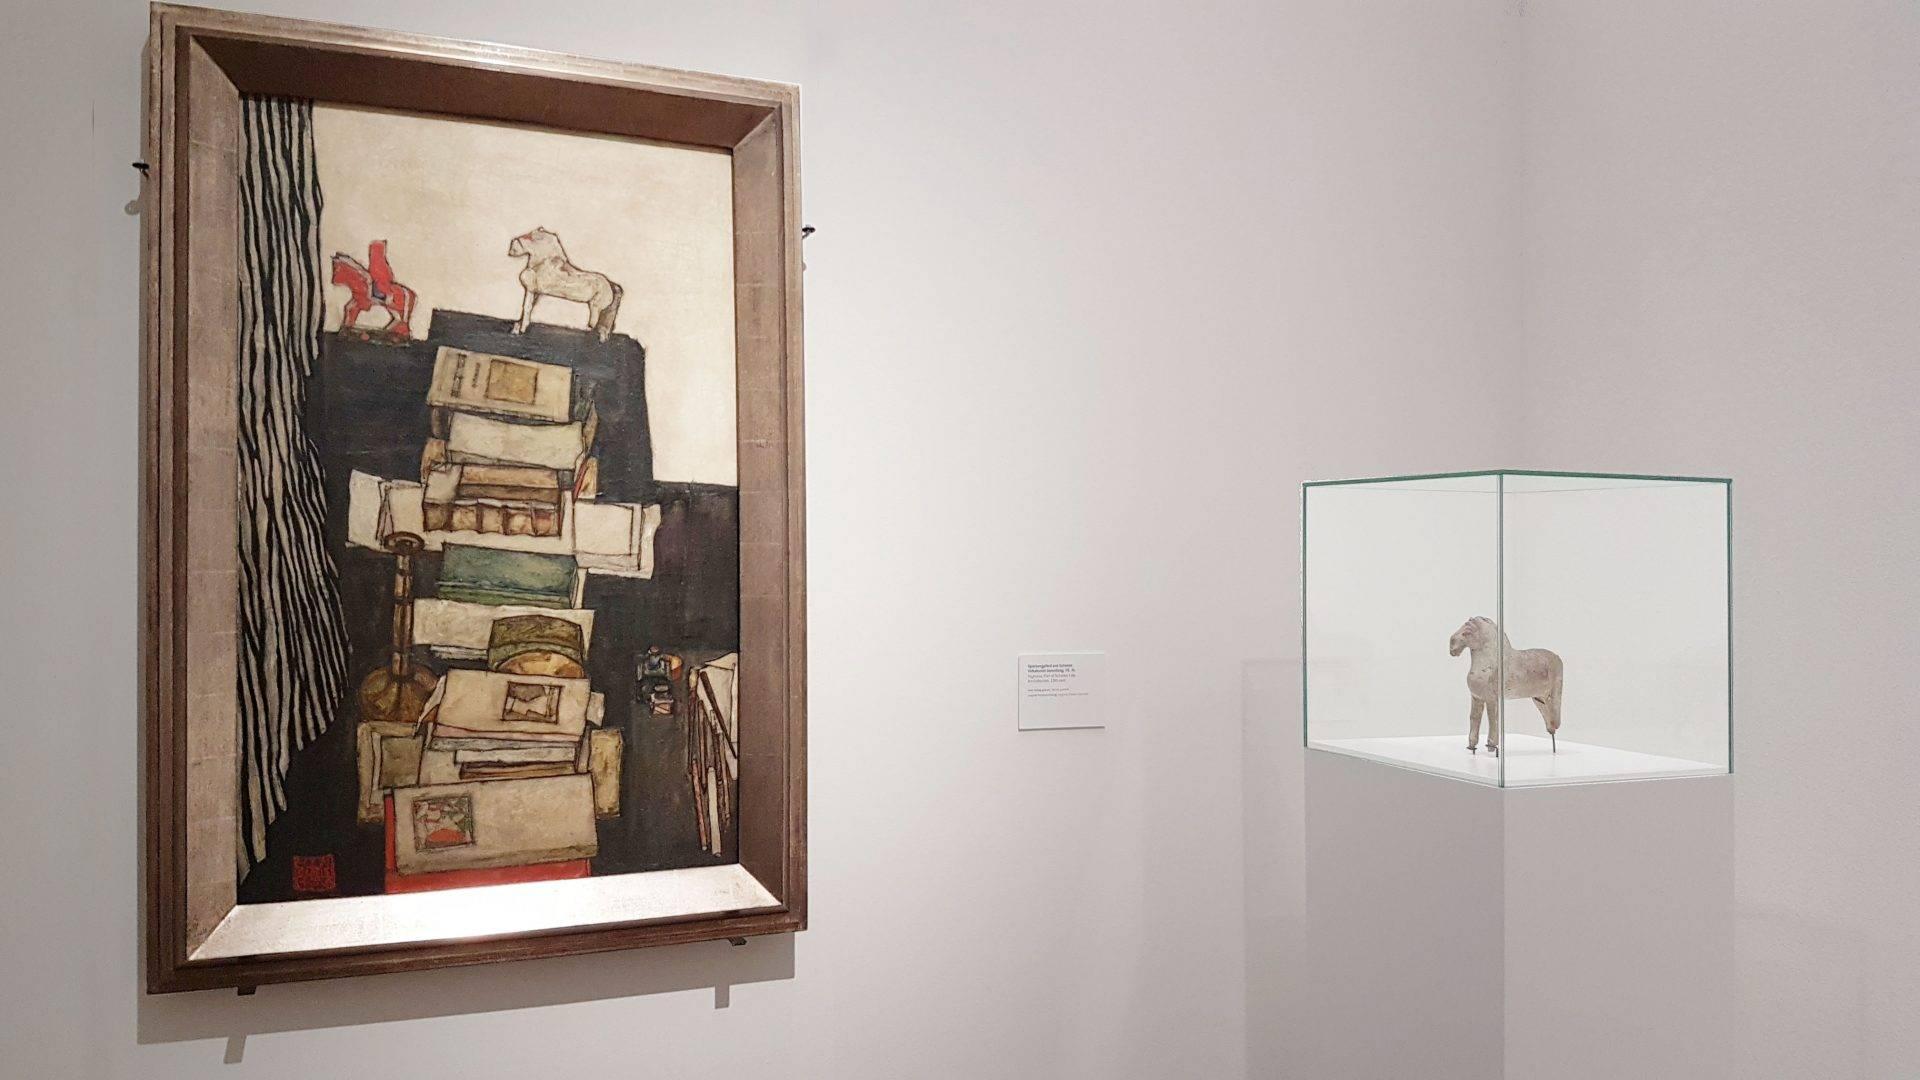 Музей Леопольда картины эгона шиле 5